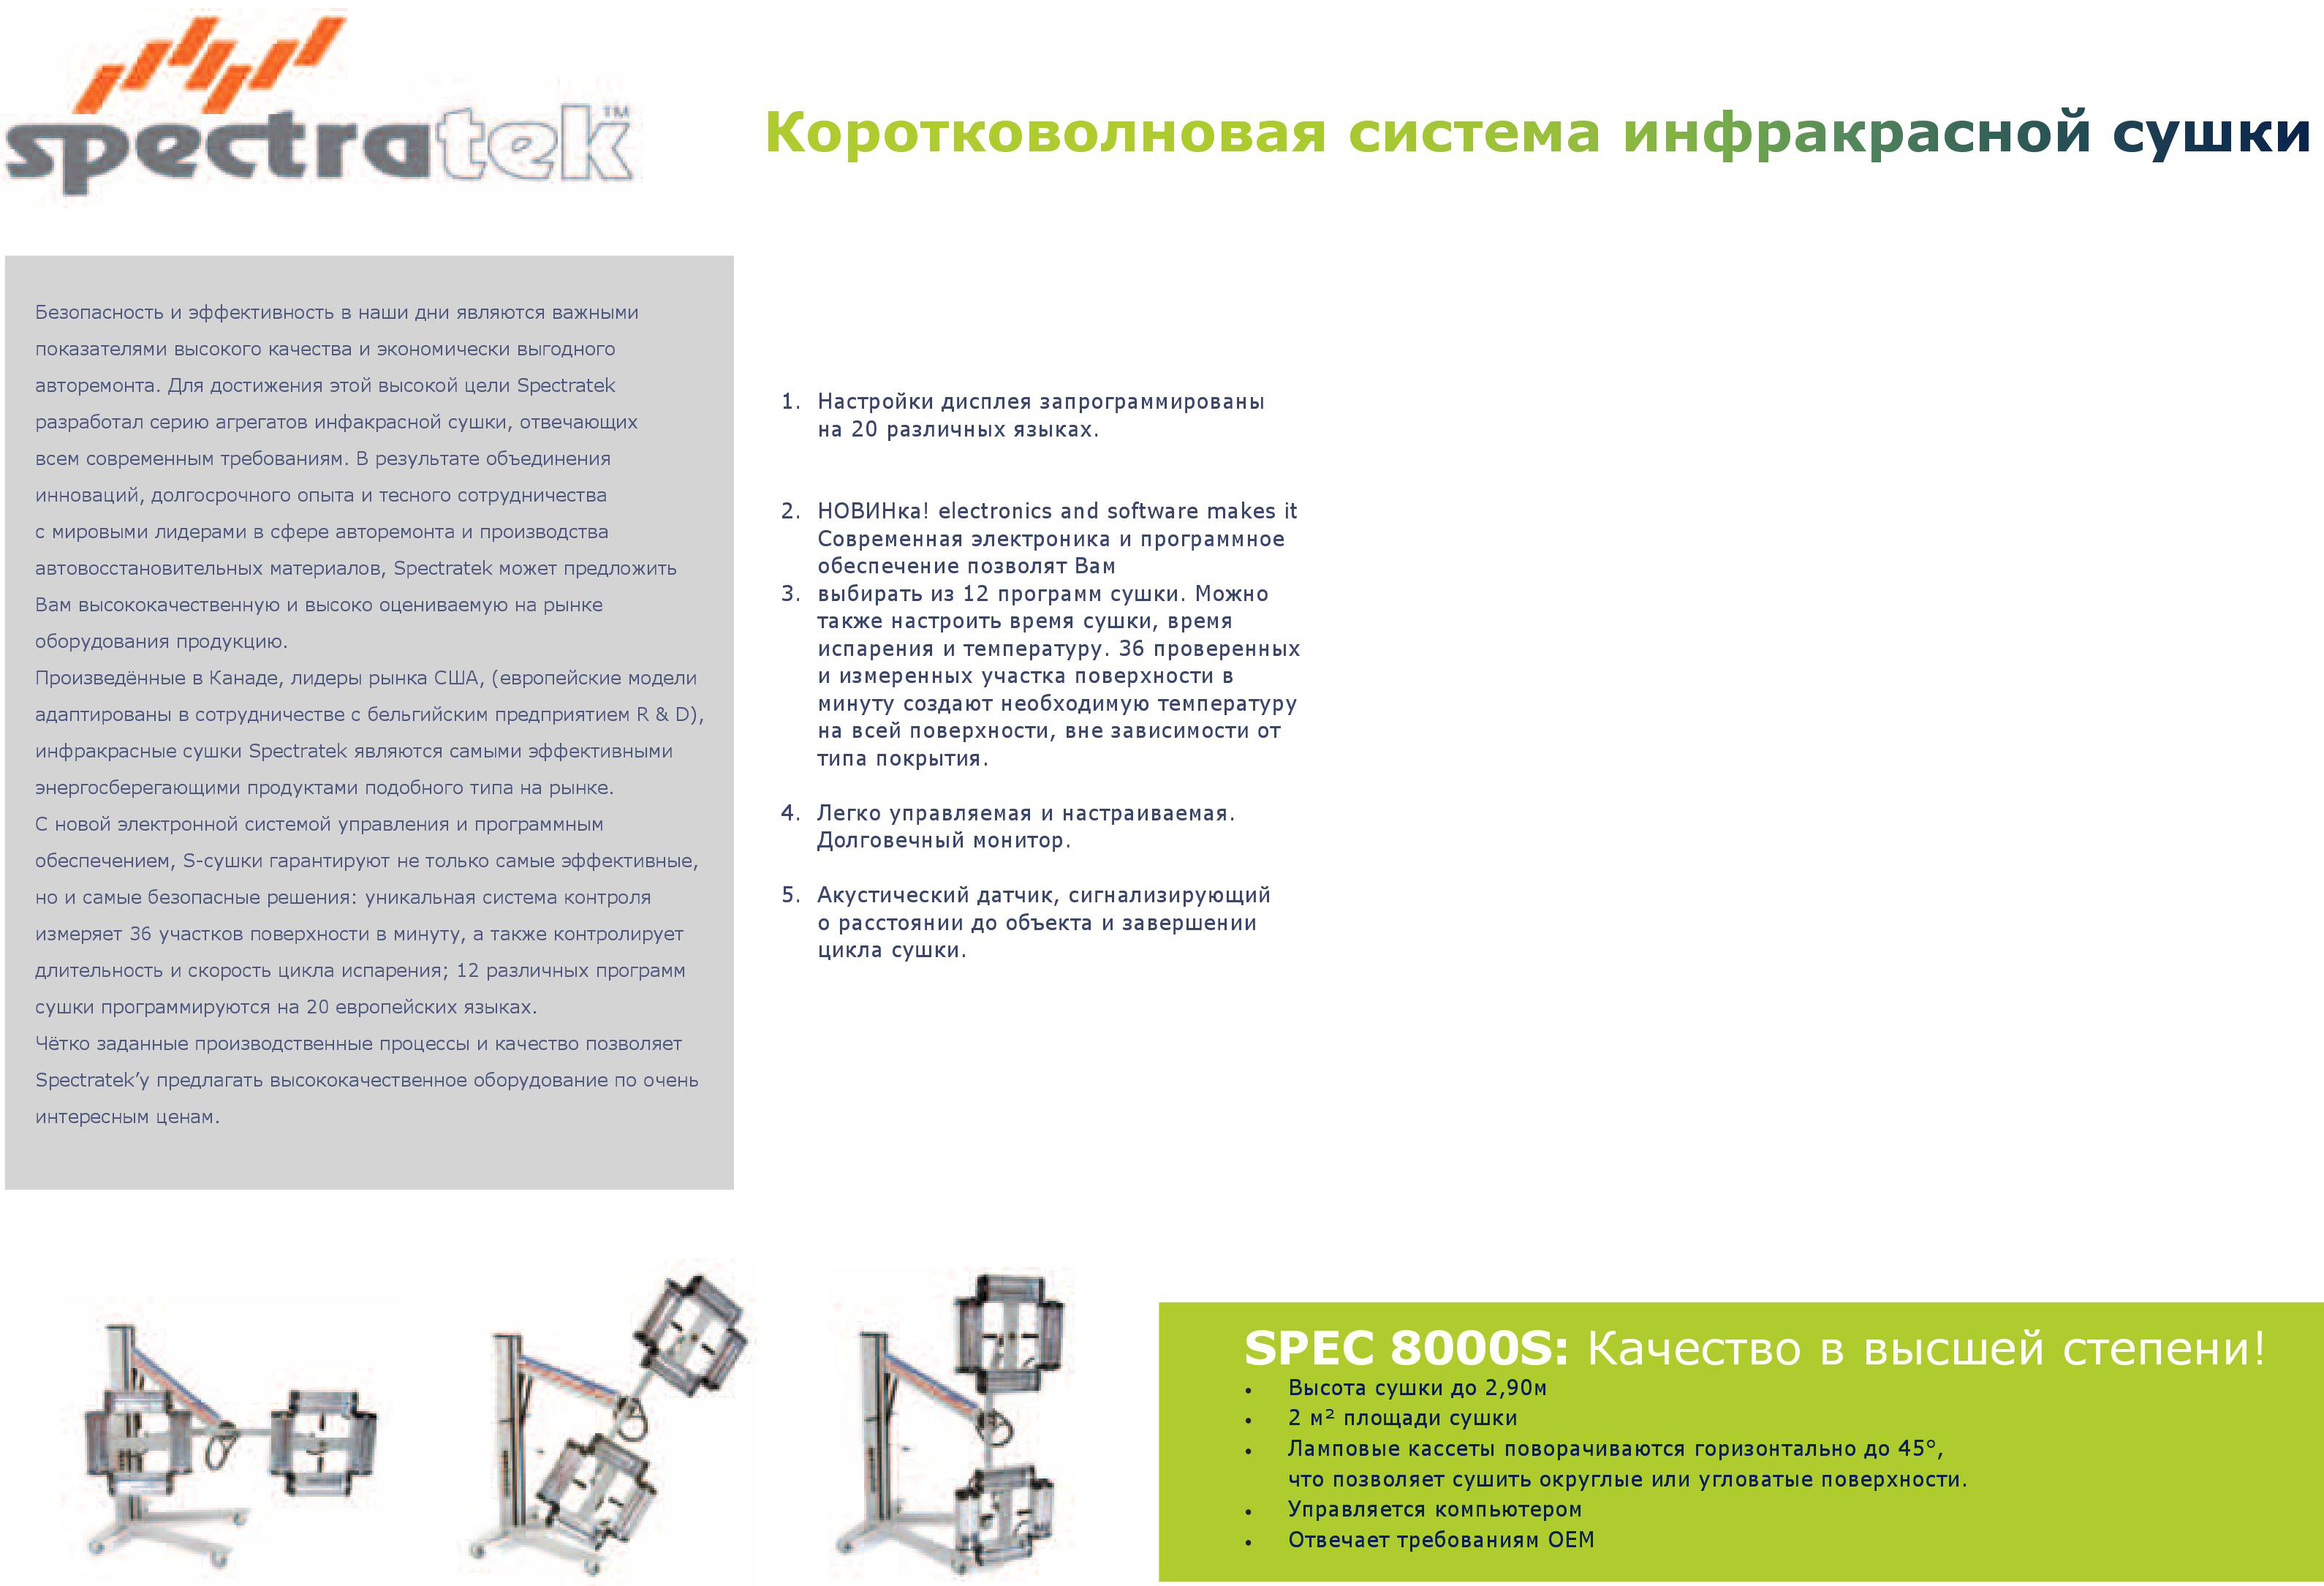 SPEC-8000S-img-1